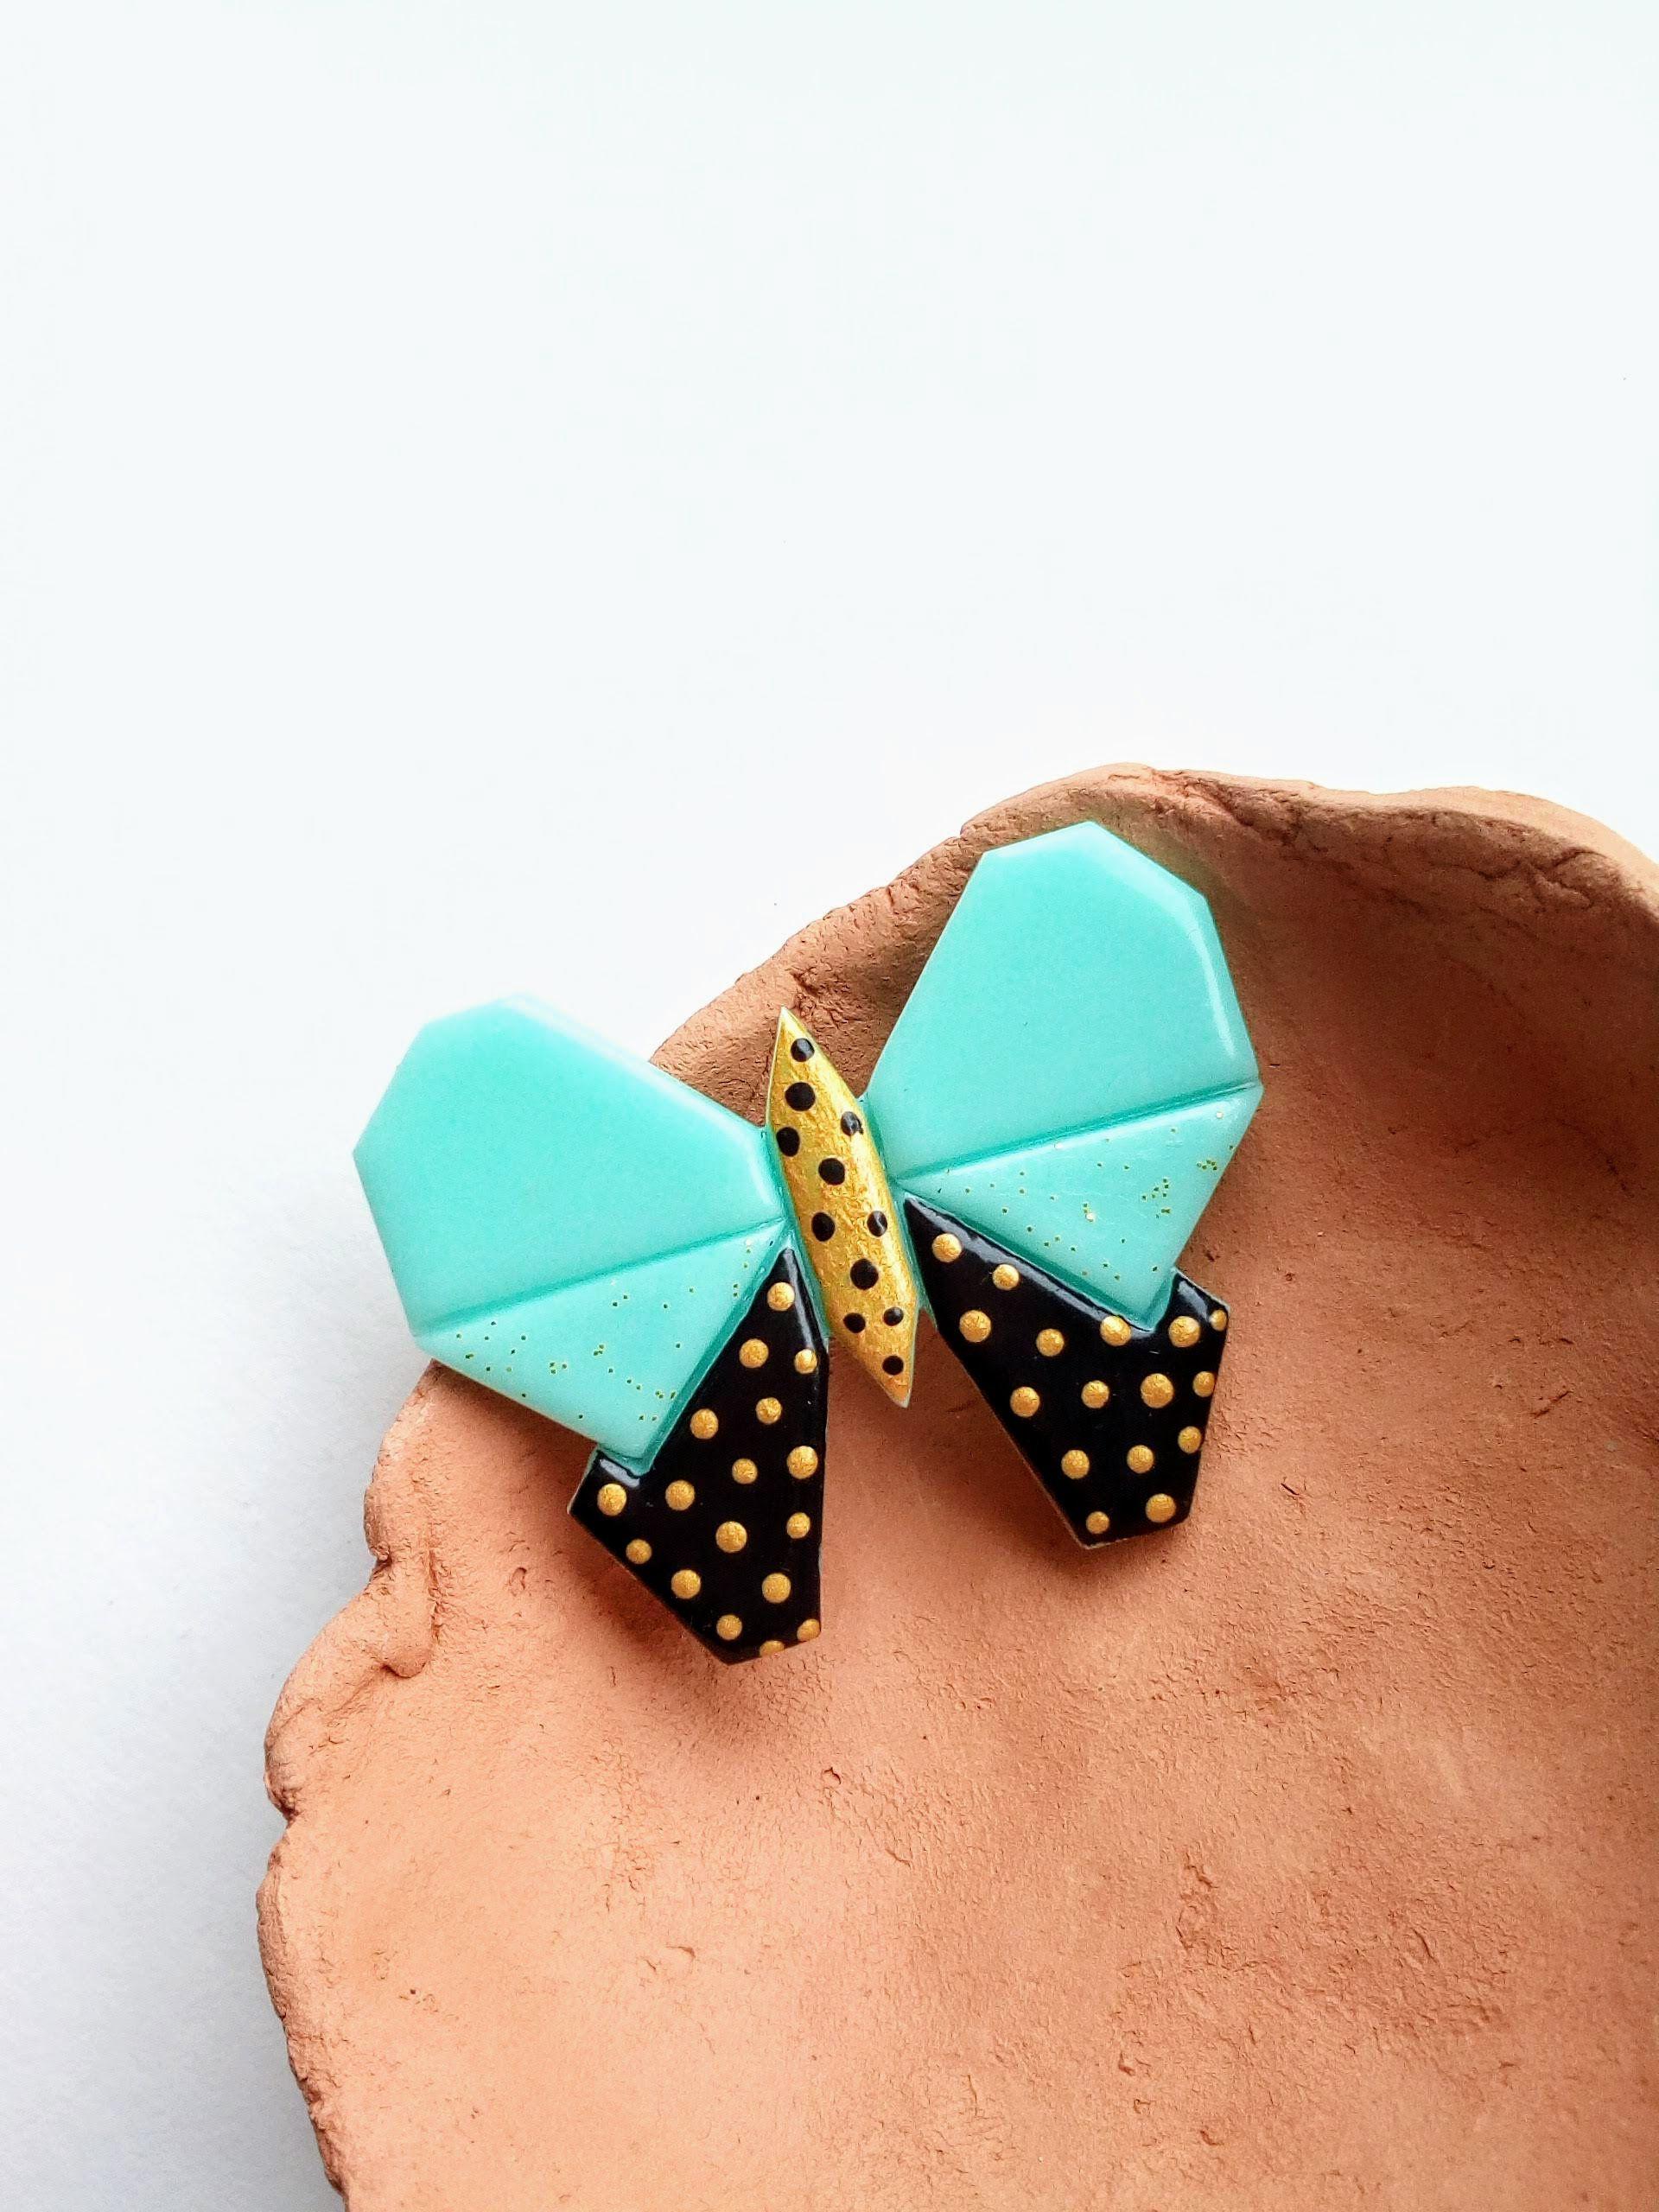 greenmint mintbrooch butterfly mintbutterfly